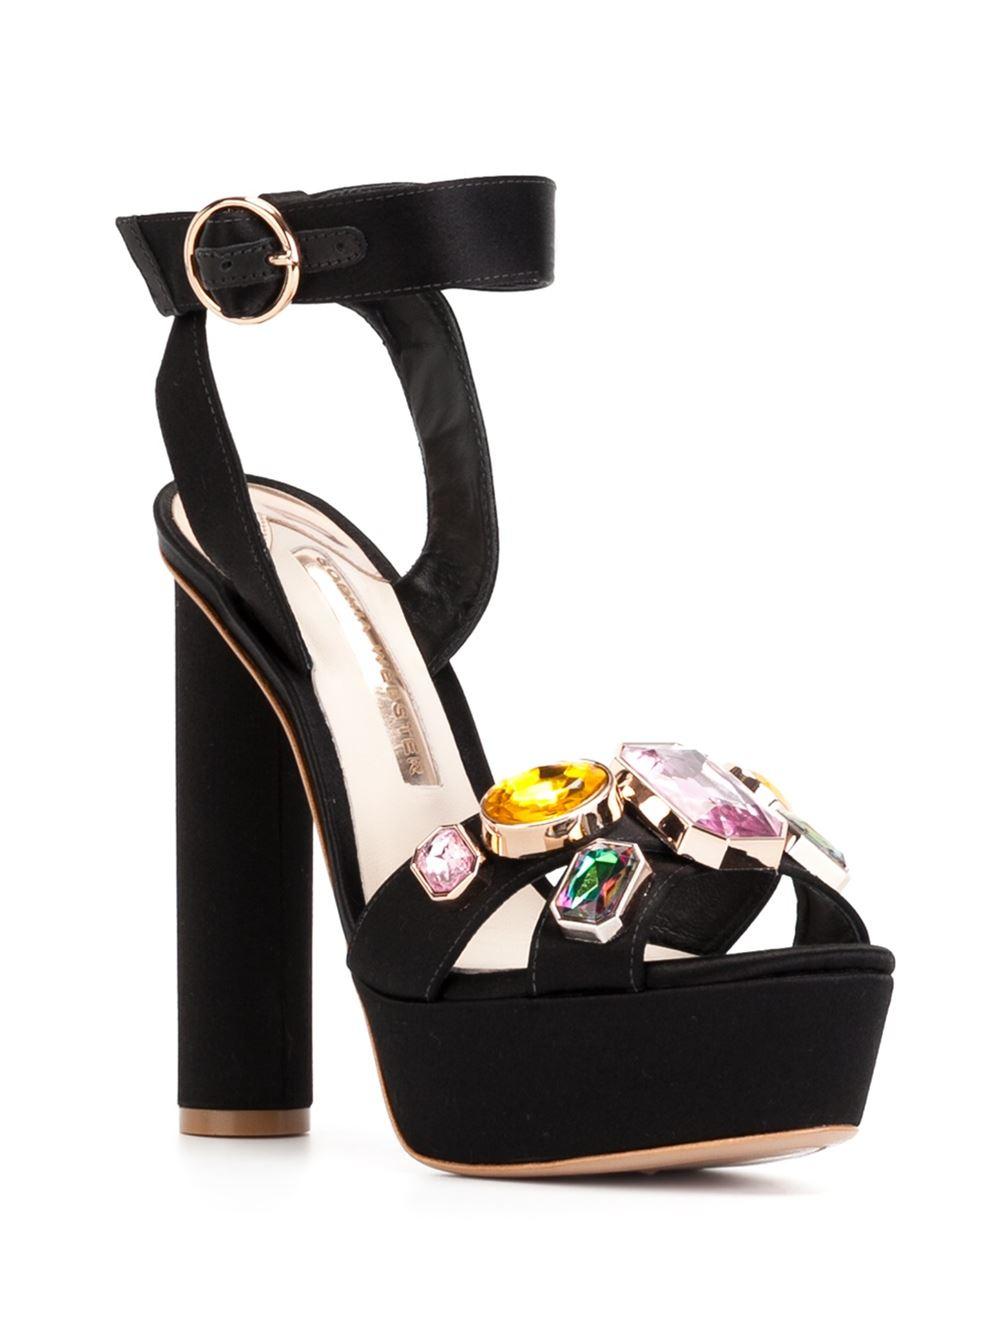 SOPHIA WEBSTER Rosalind Gem sandals wNcGcs